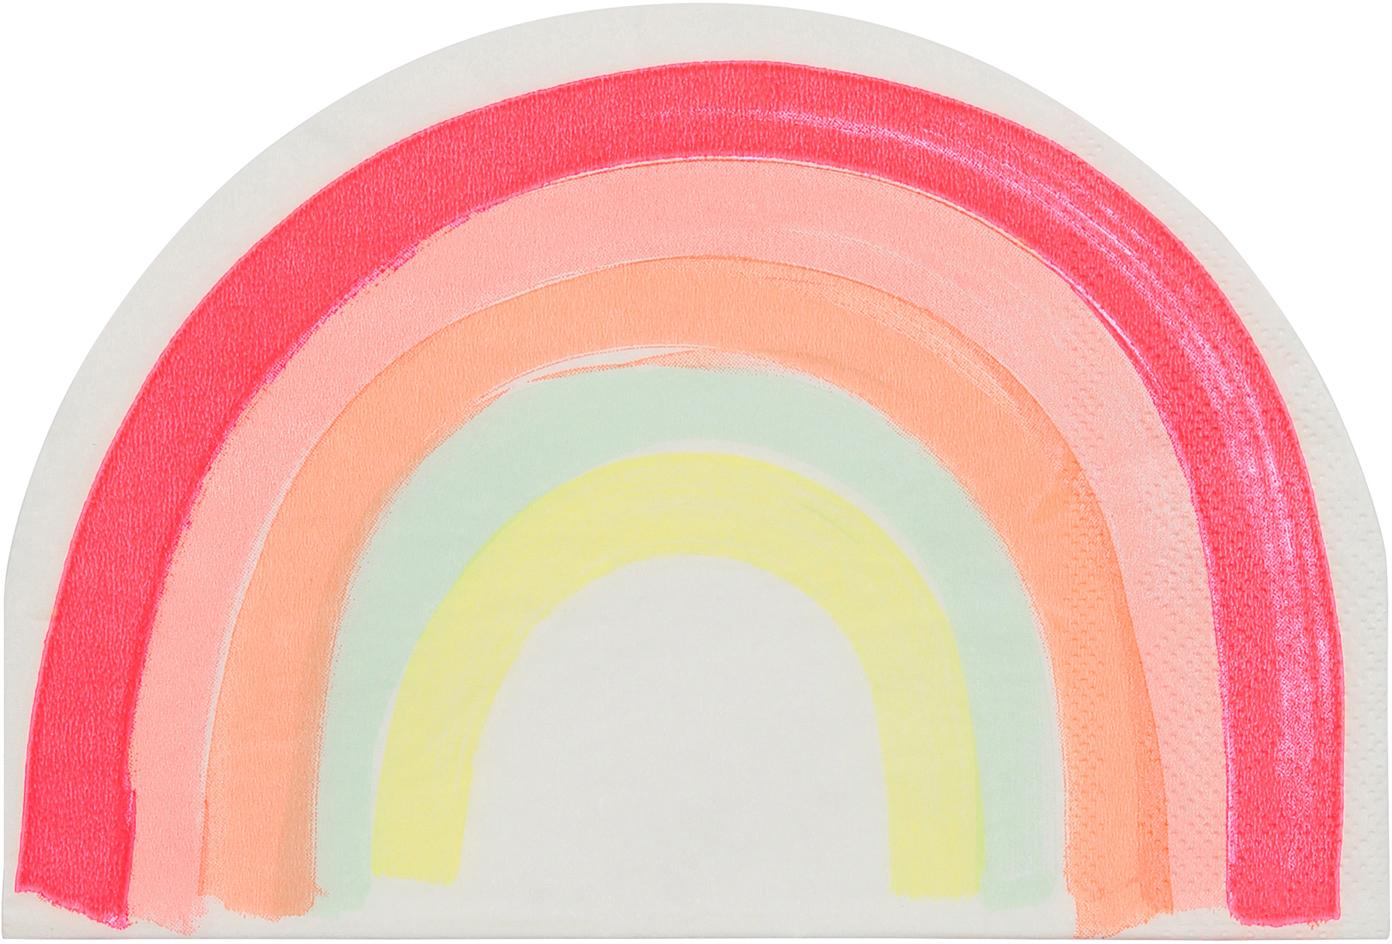 Servilletas de papel Rainbow, 20uds., Papel, Multicolor, An 12 x L 17 cm